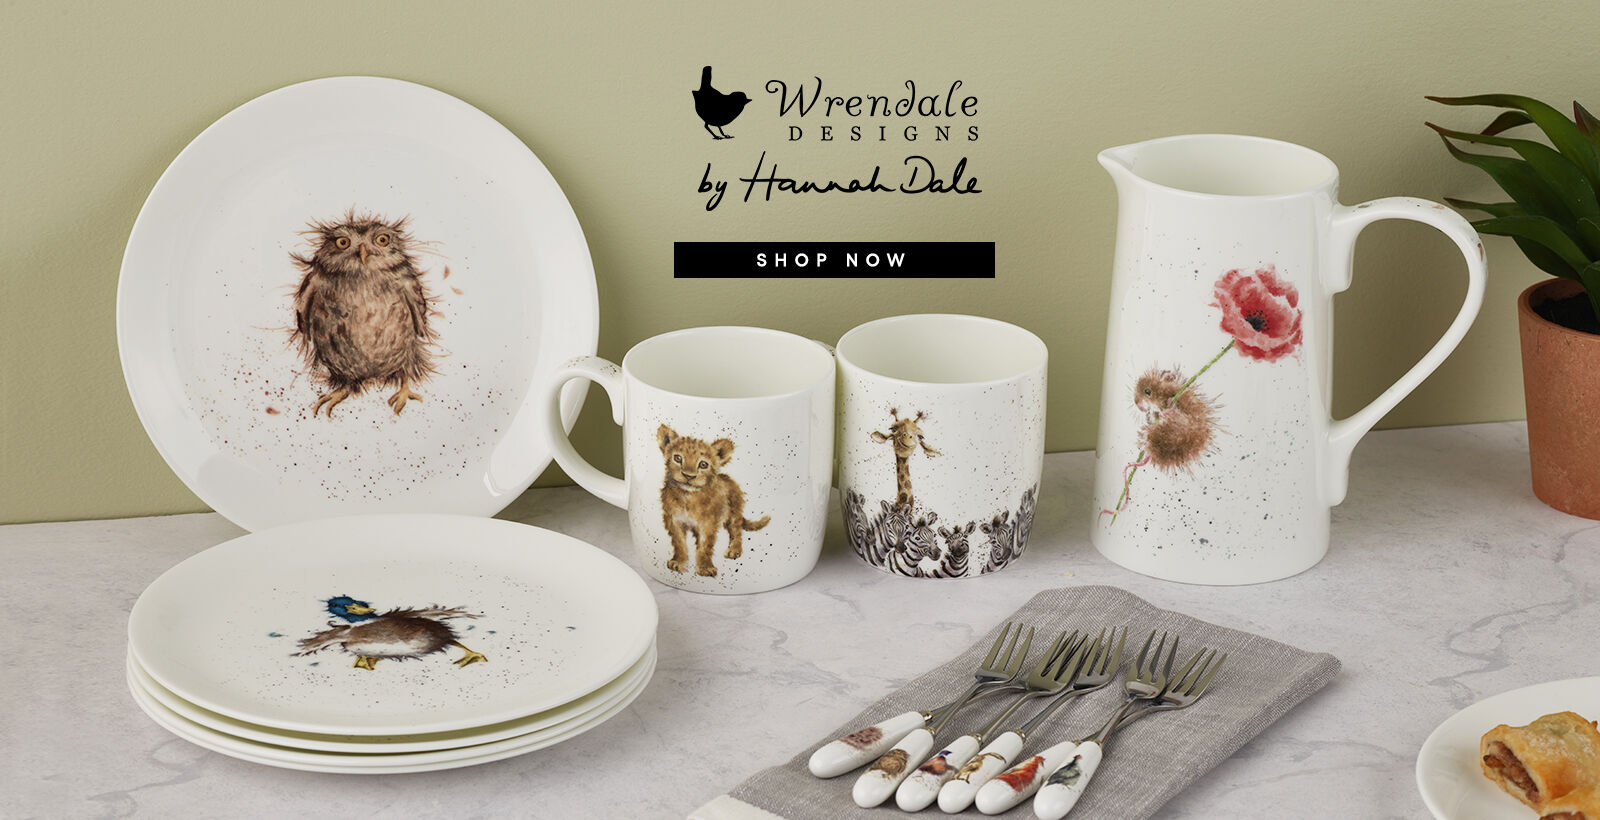 Shop Wrendale Designs